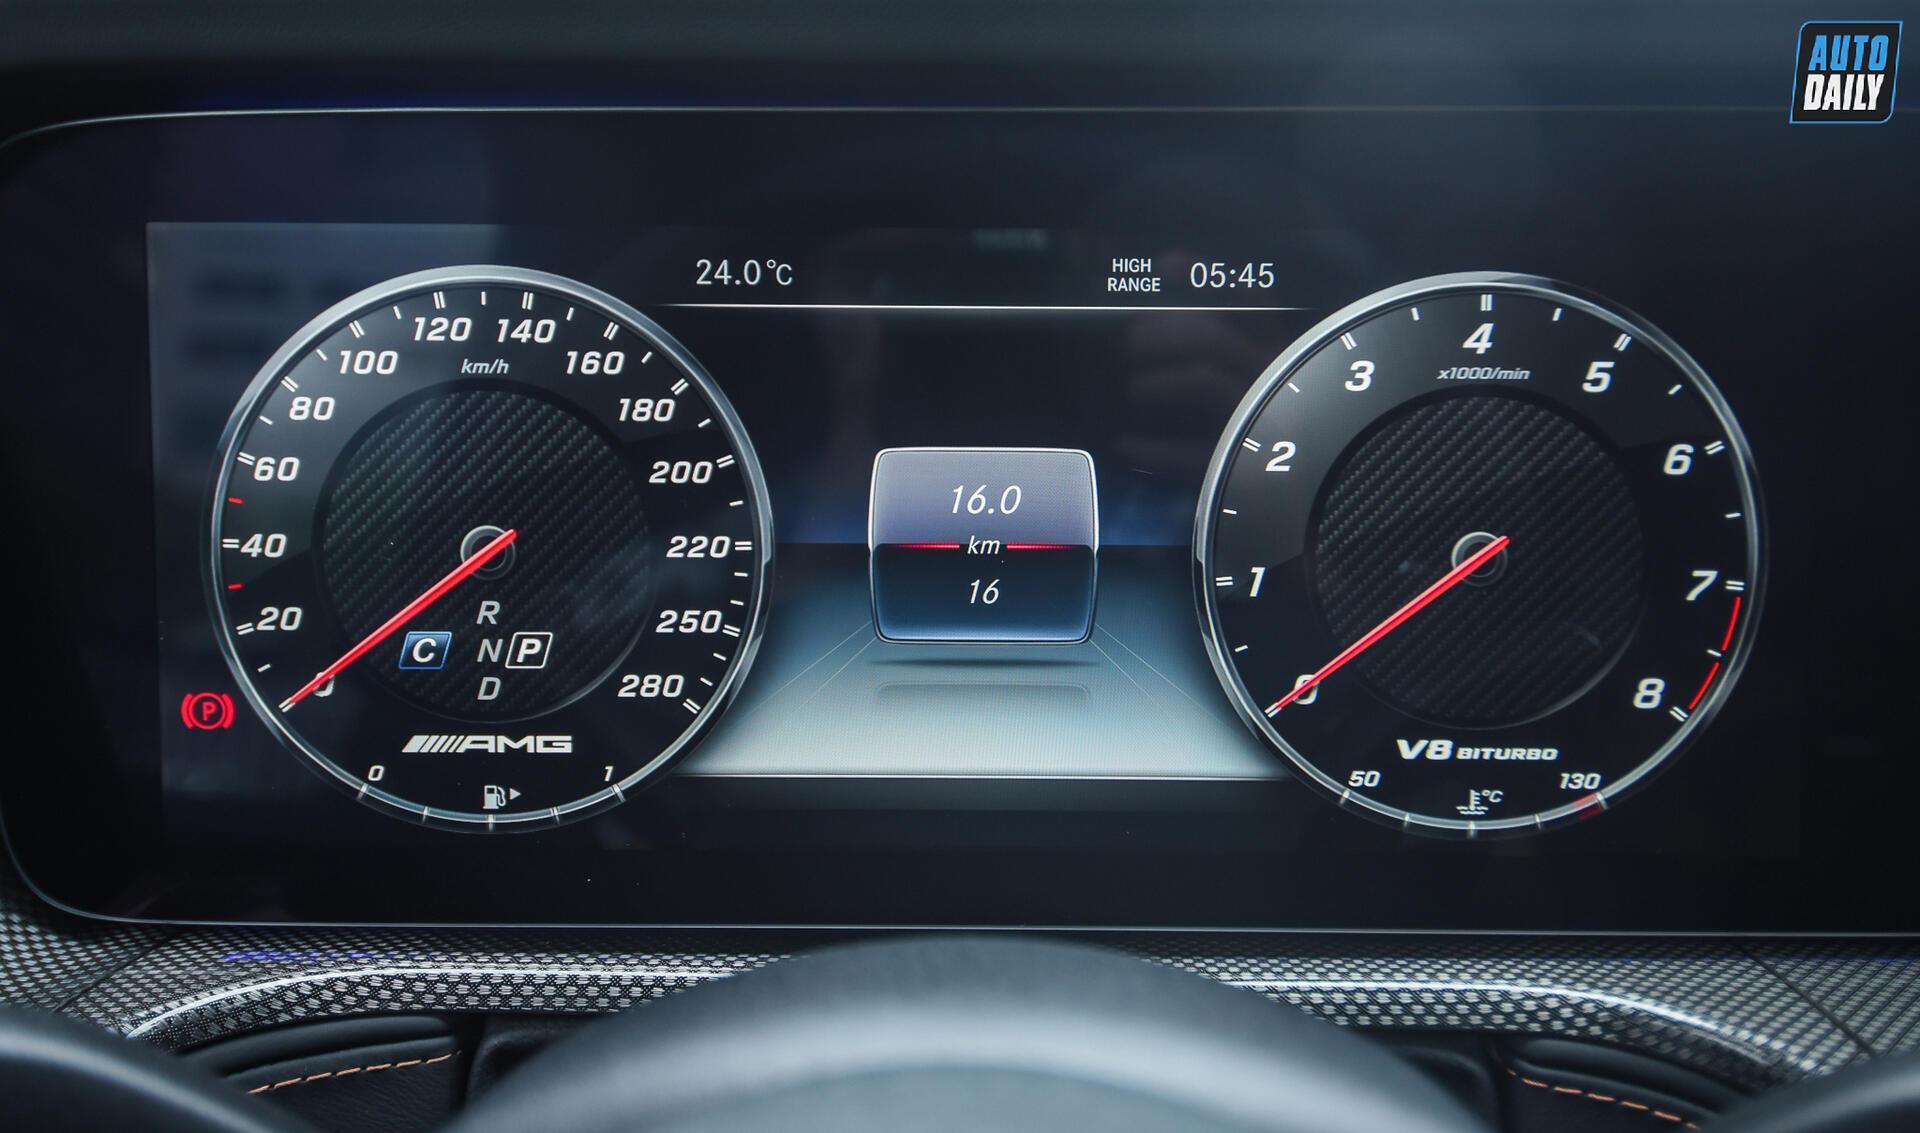 Ảnh chi tiết Mercedes G63 AMG 2021 bản cá nhân hoá giá khoảng 12 tỷ [14]